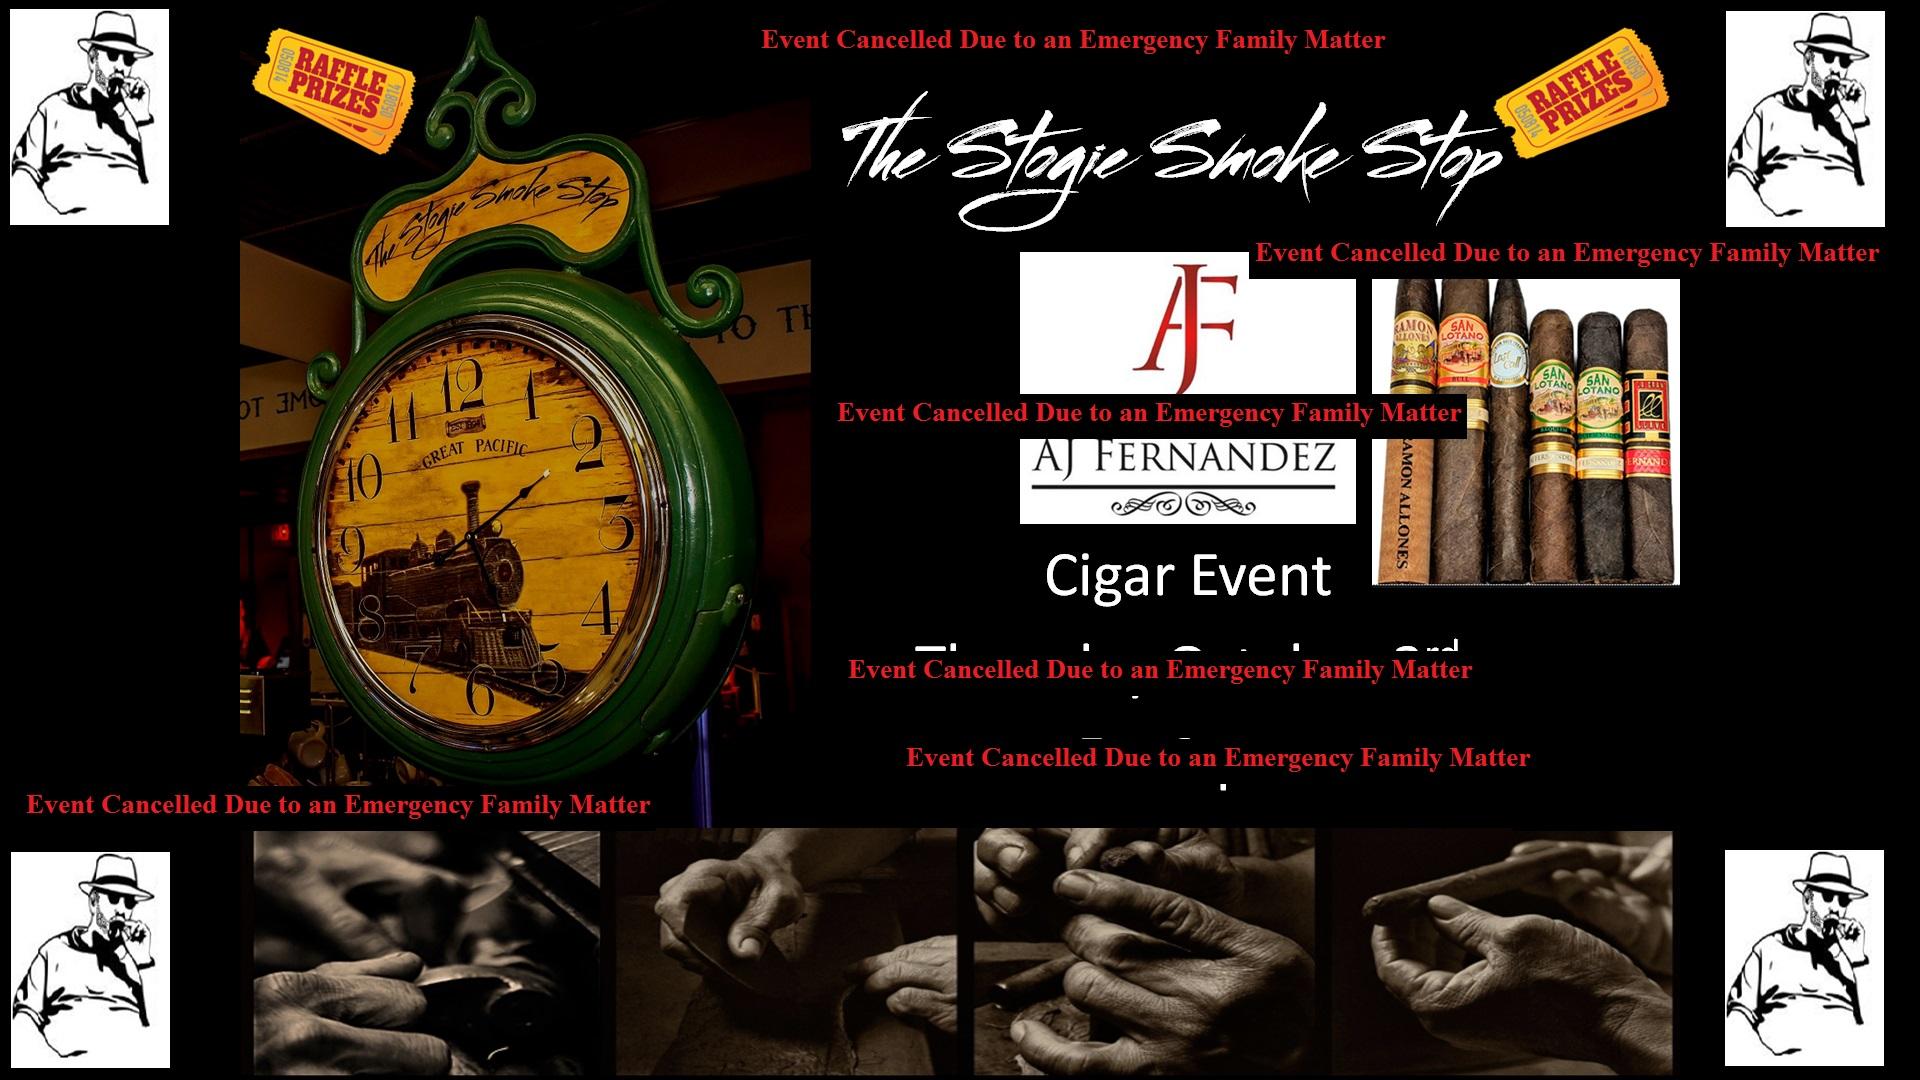 A J Fernandez Cigar Event Cancelled